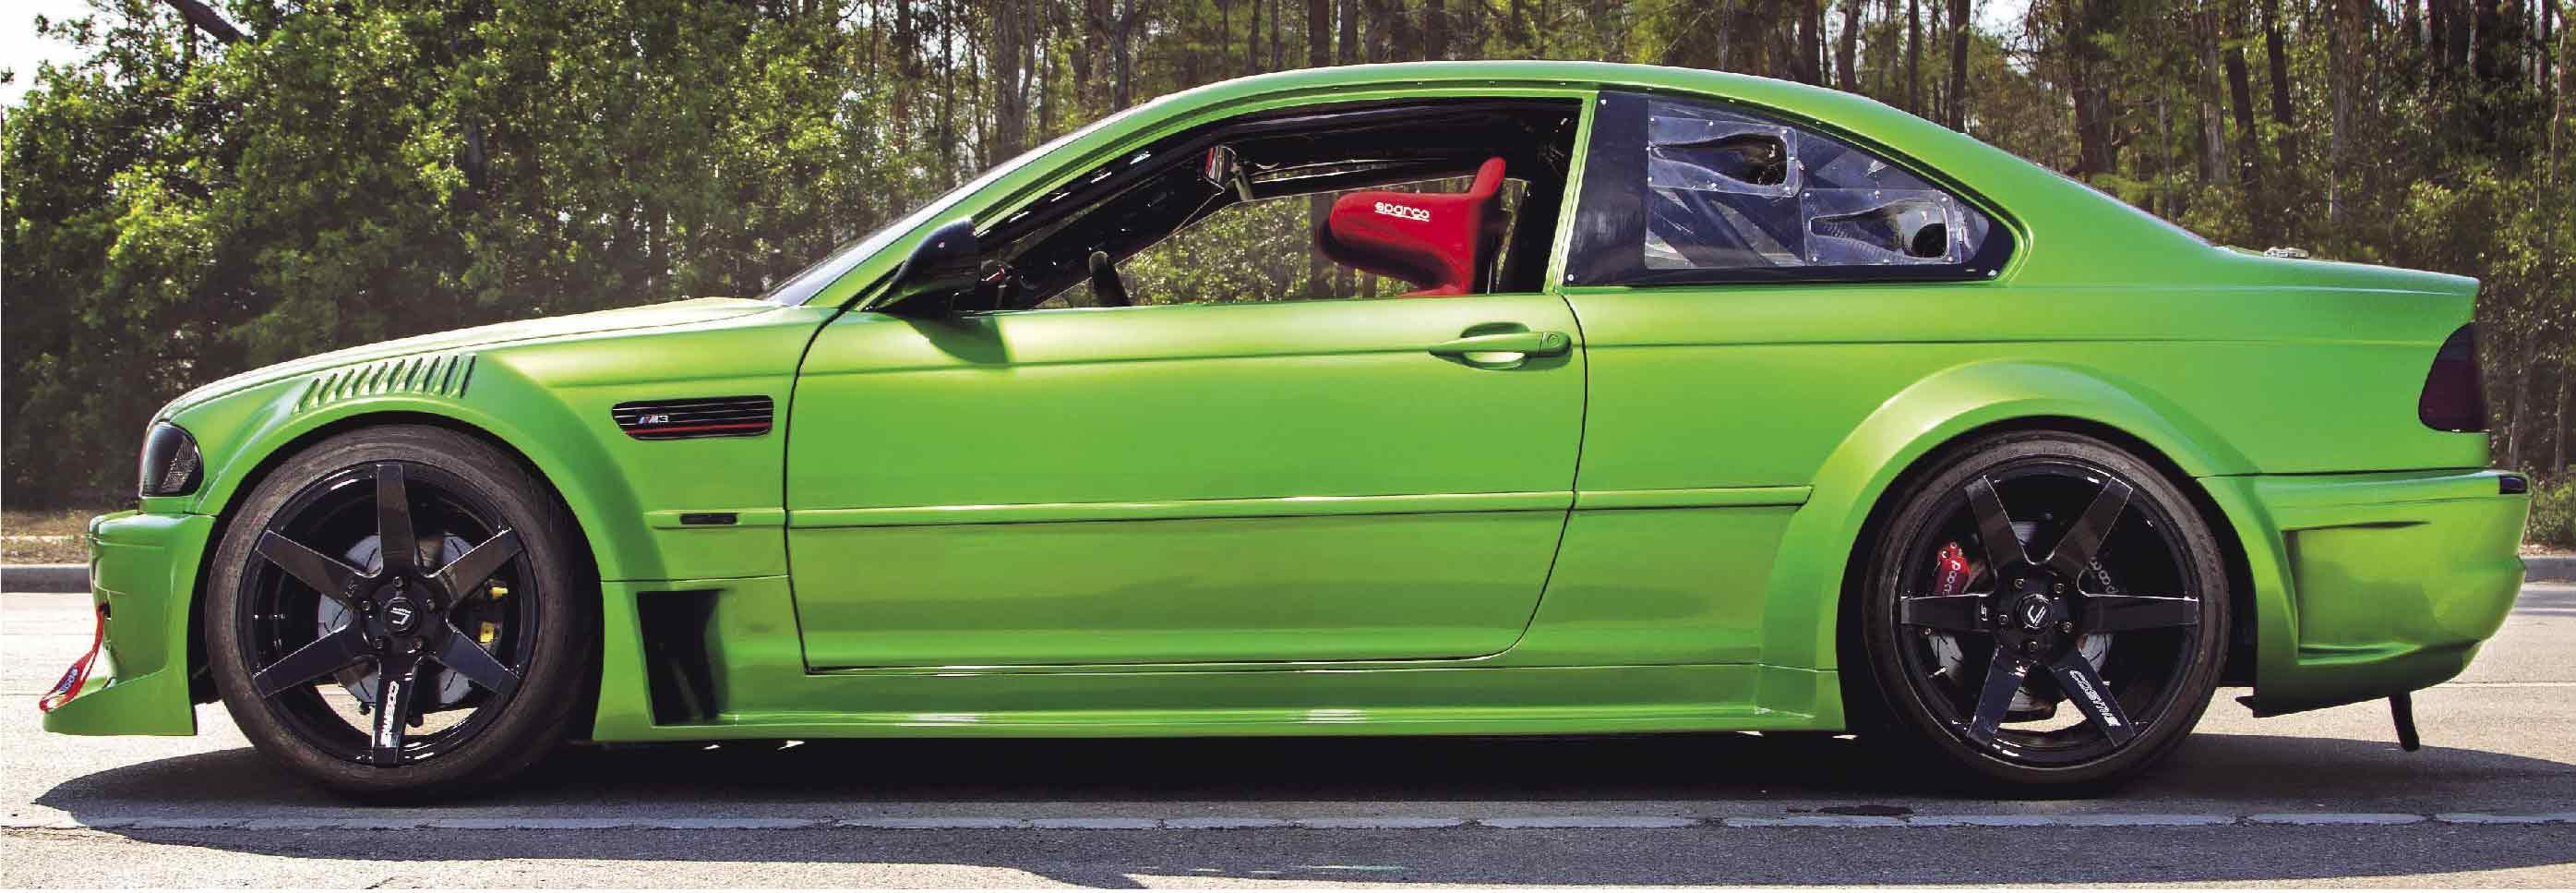 657hp 2jz Engined Bmw M3 E46 Drift Monster Drive My Blogs Drive